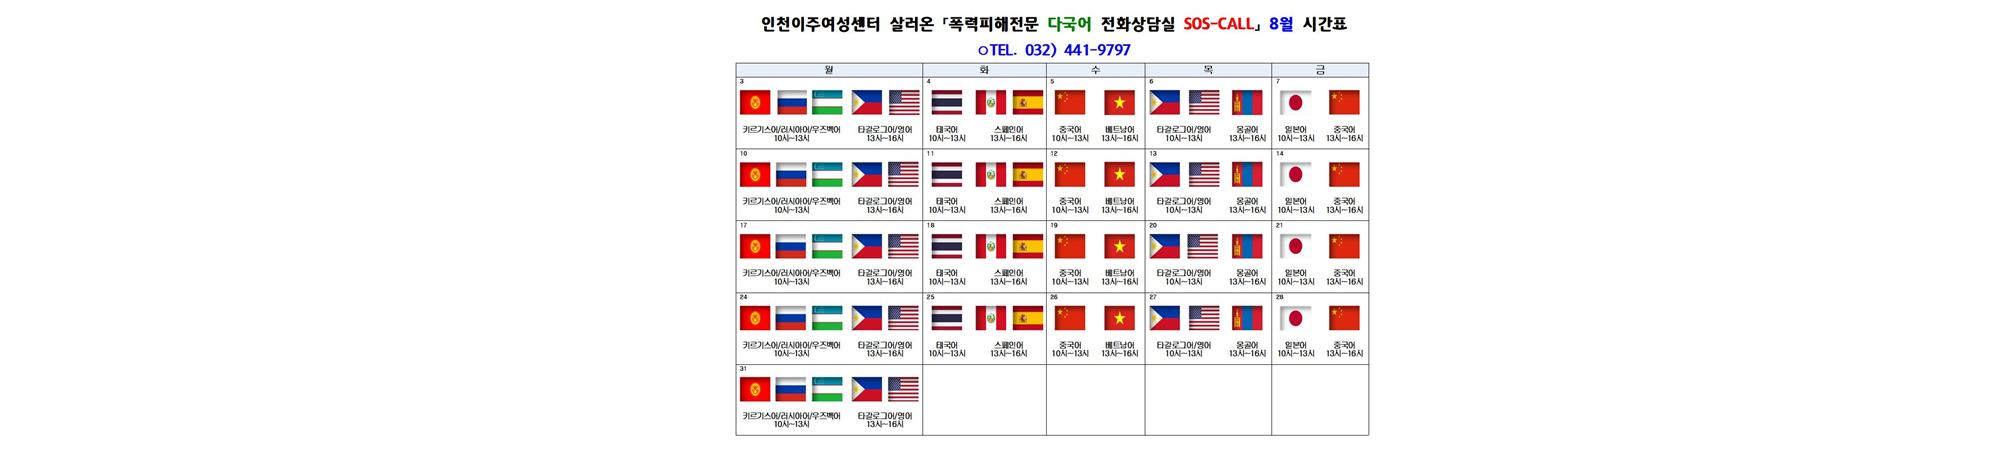 「폭력피해전문 다국어 전화상담실 SOS-CALL」8월 일정